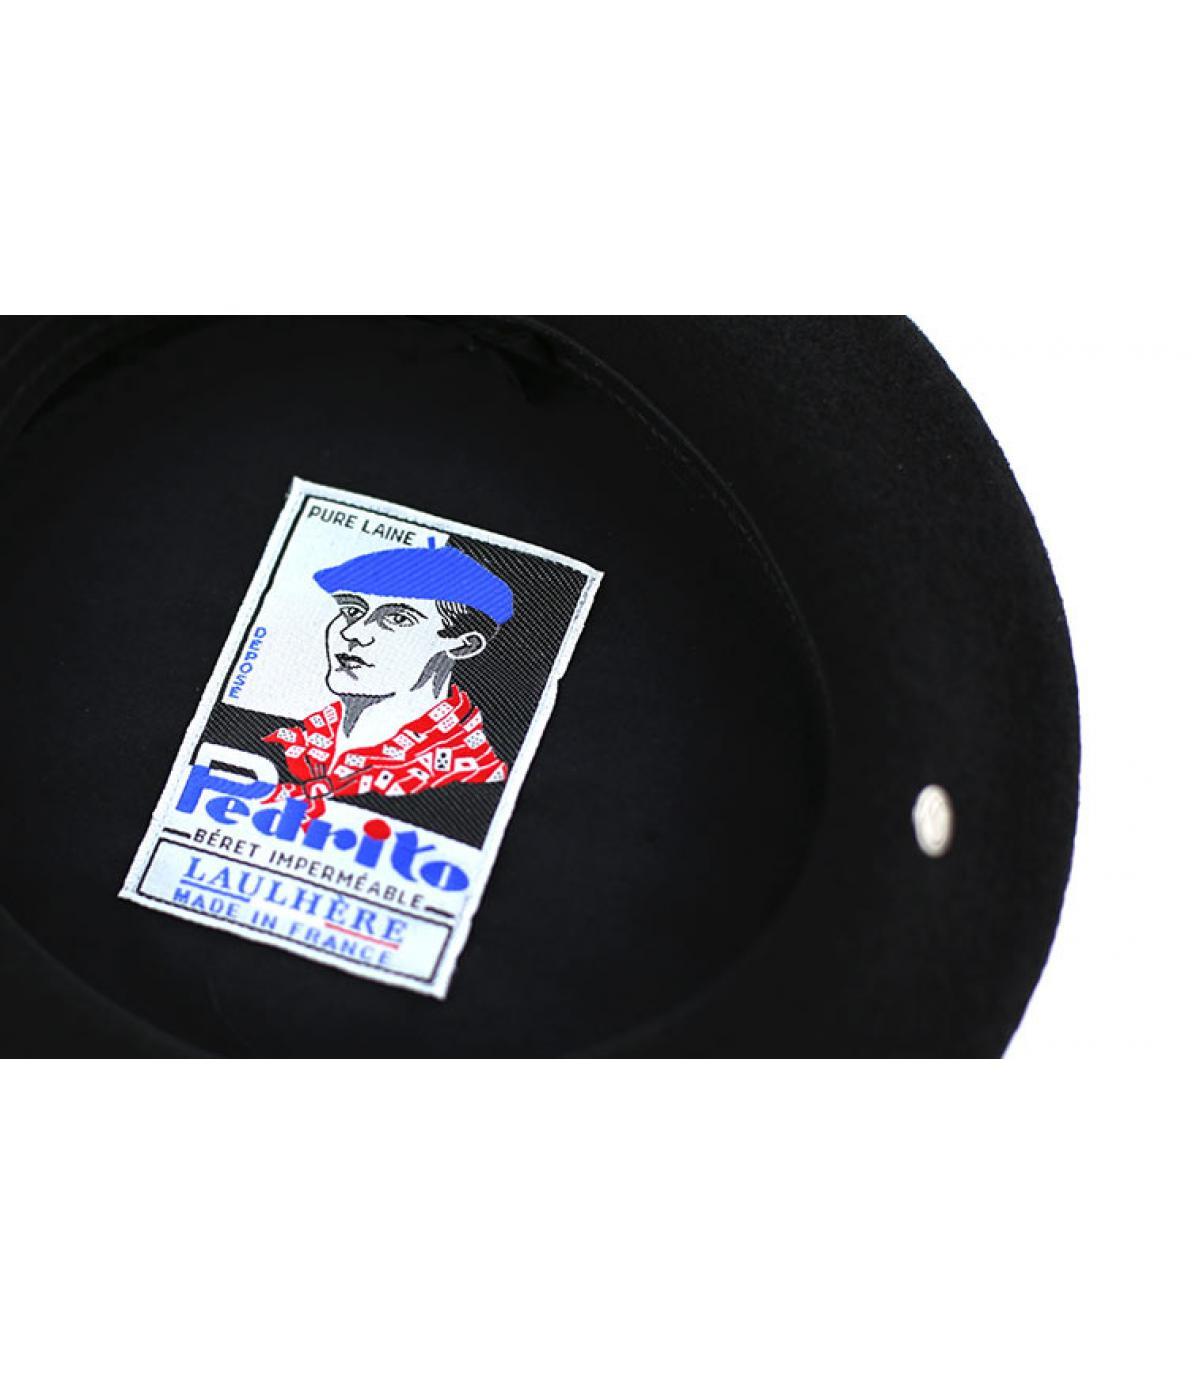 Détails Beret français Pedrito noir - image 4